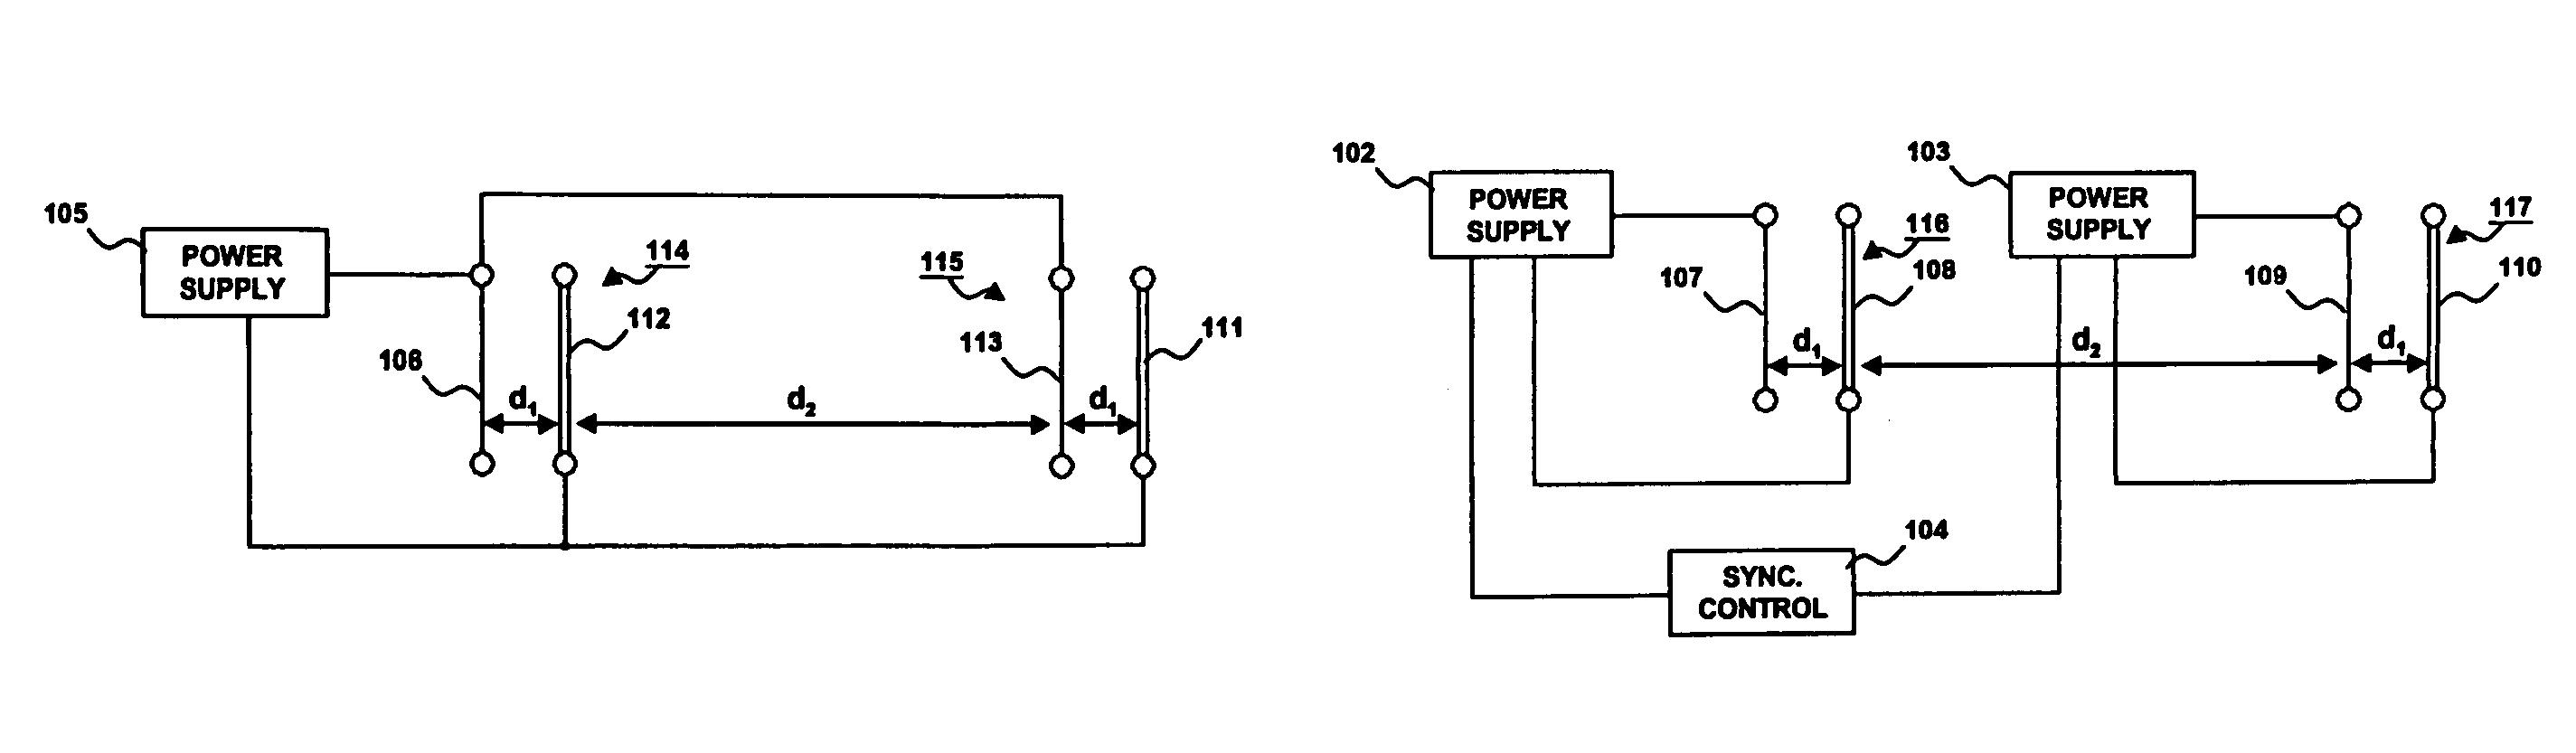 Electrostatic Fluid Accelerator : Patent us electrostatic fluid accelerator for and